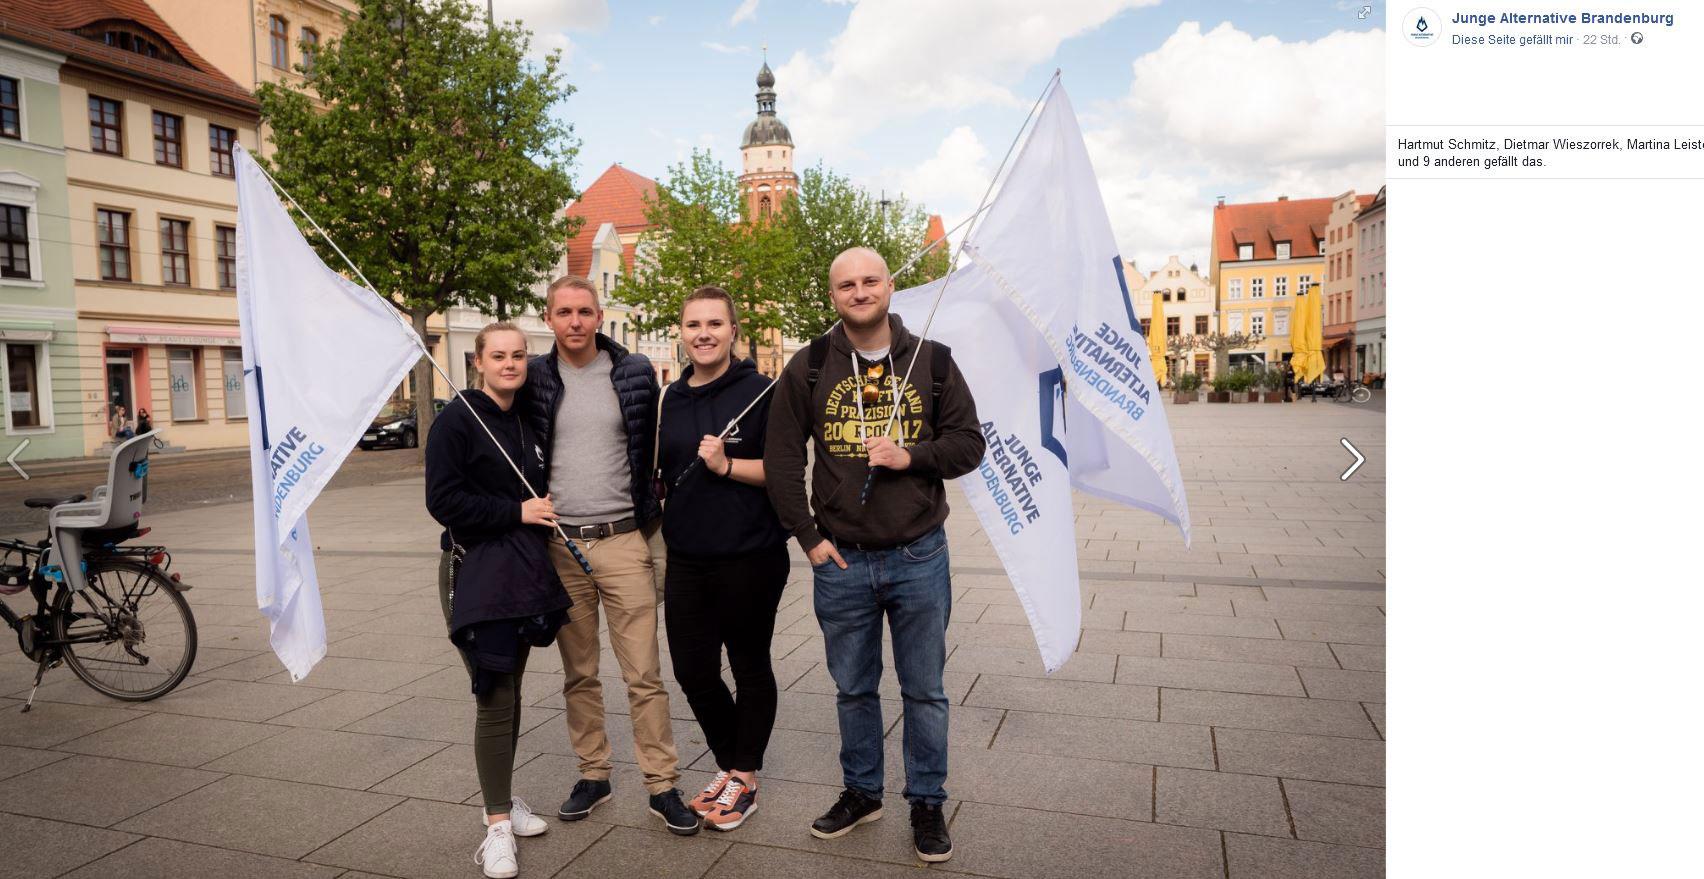 Junge Alternative Brandenburg auf der Kundgebungs-Tour in Cottbus. Screenshot: Facebook.